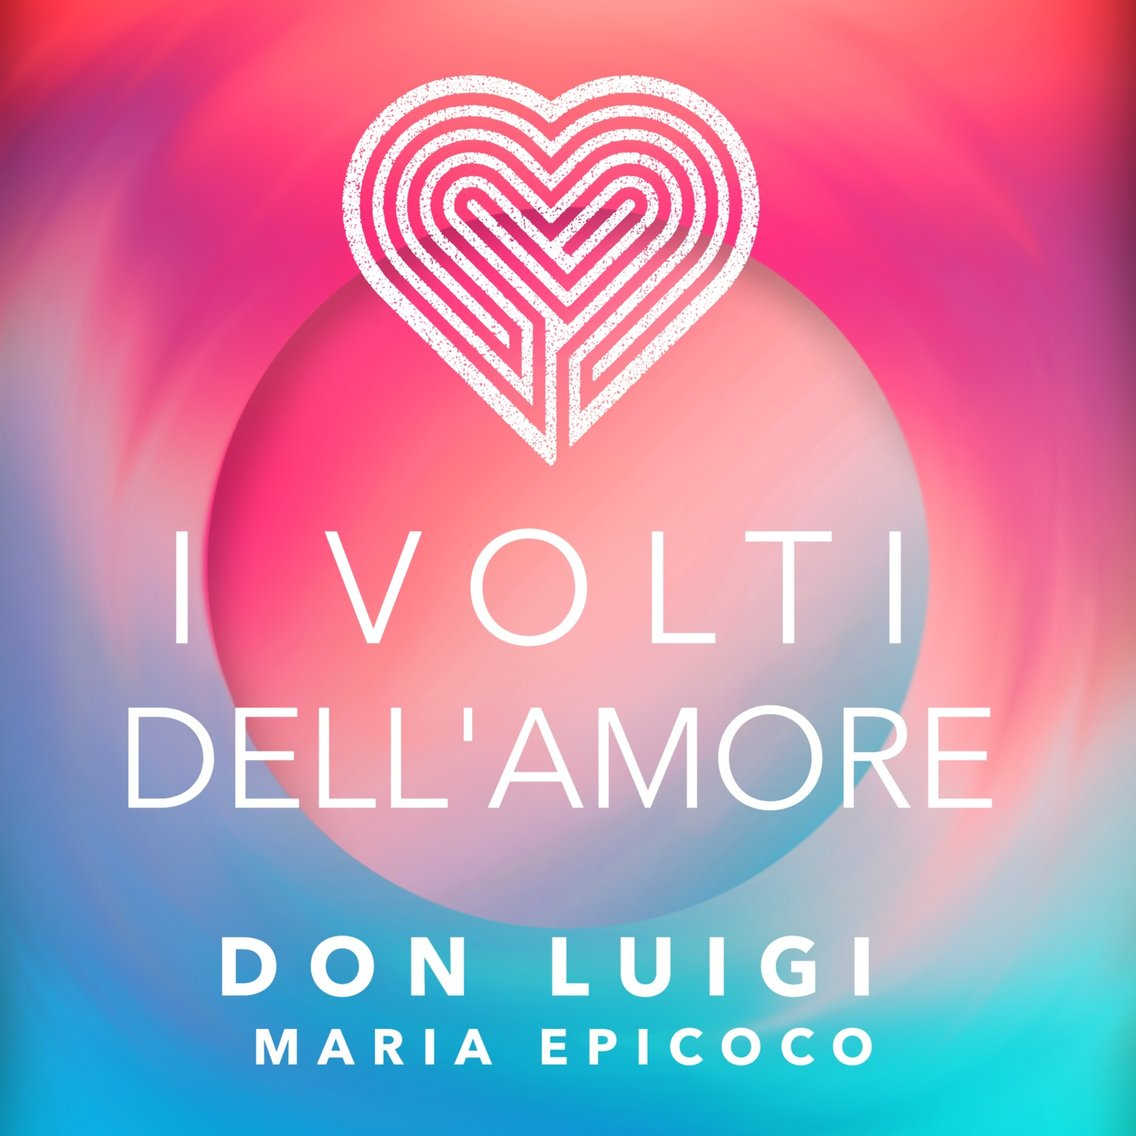 I volti dell'amore - Cover Image